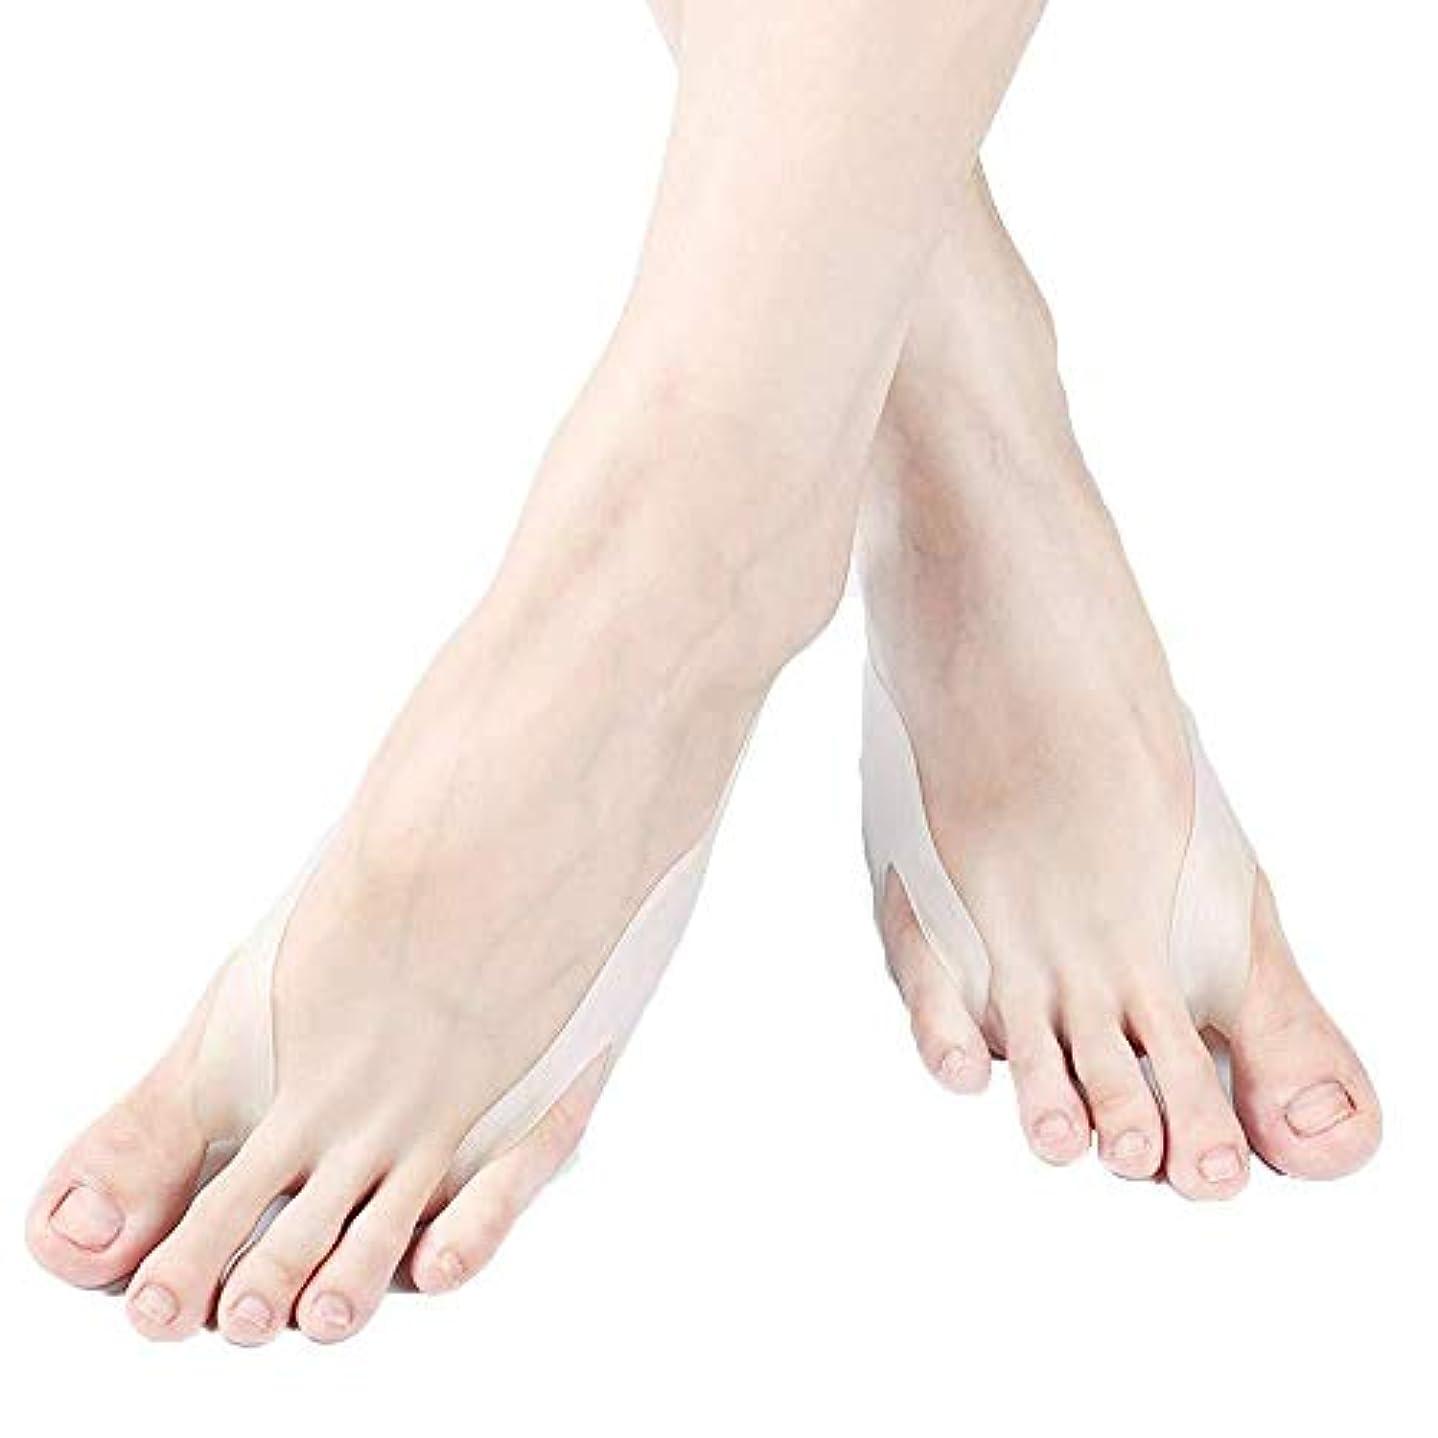 変換する民間増強つま先セパレーター、男性用および女性用ソックスの爪先強度のための夜間および昼間の外反母パッド用のつま先矯正